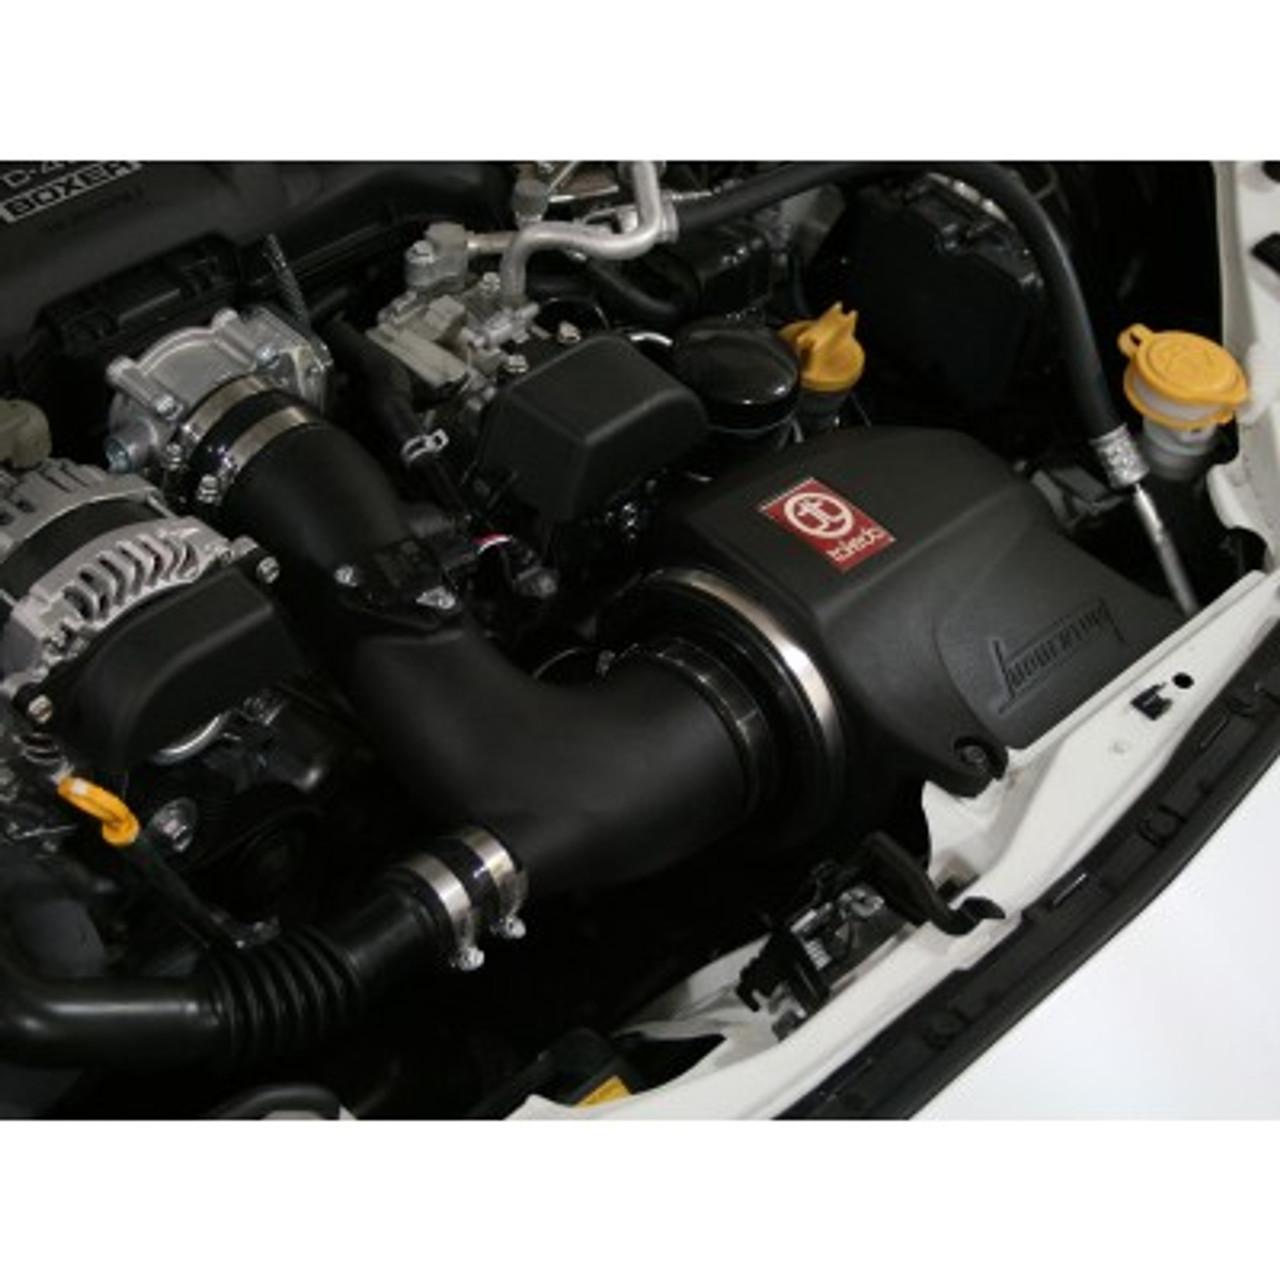 aFe Takeda Momentum Cold air intake - Takeda Pro 5R Stage-2 Intake System